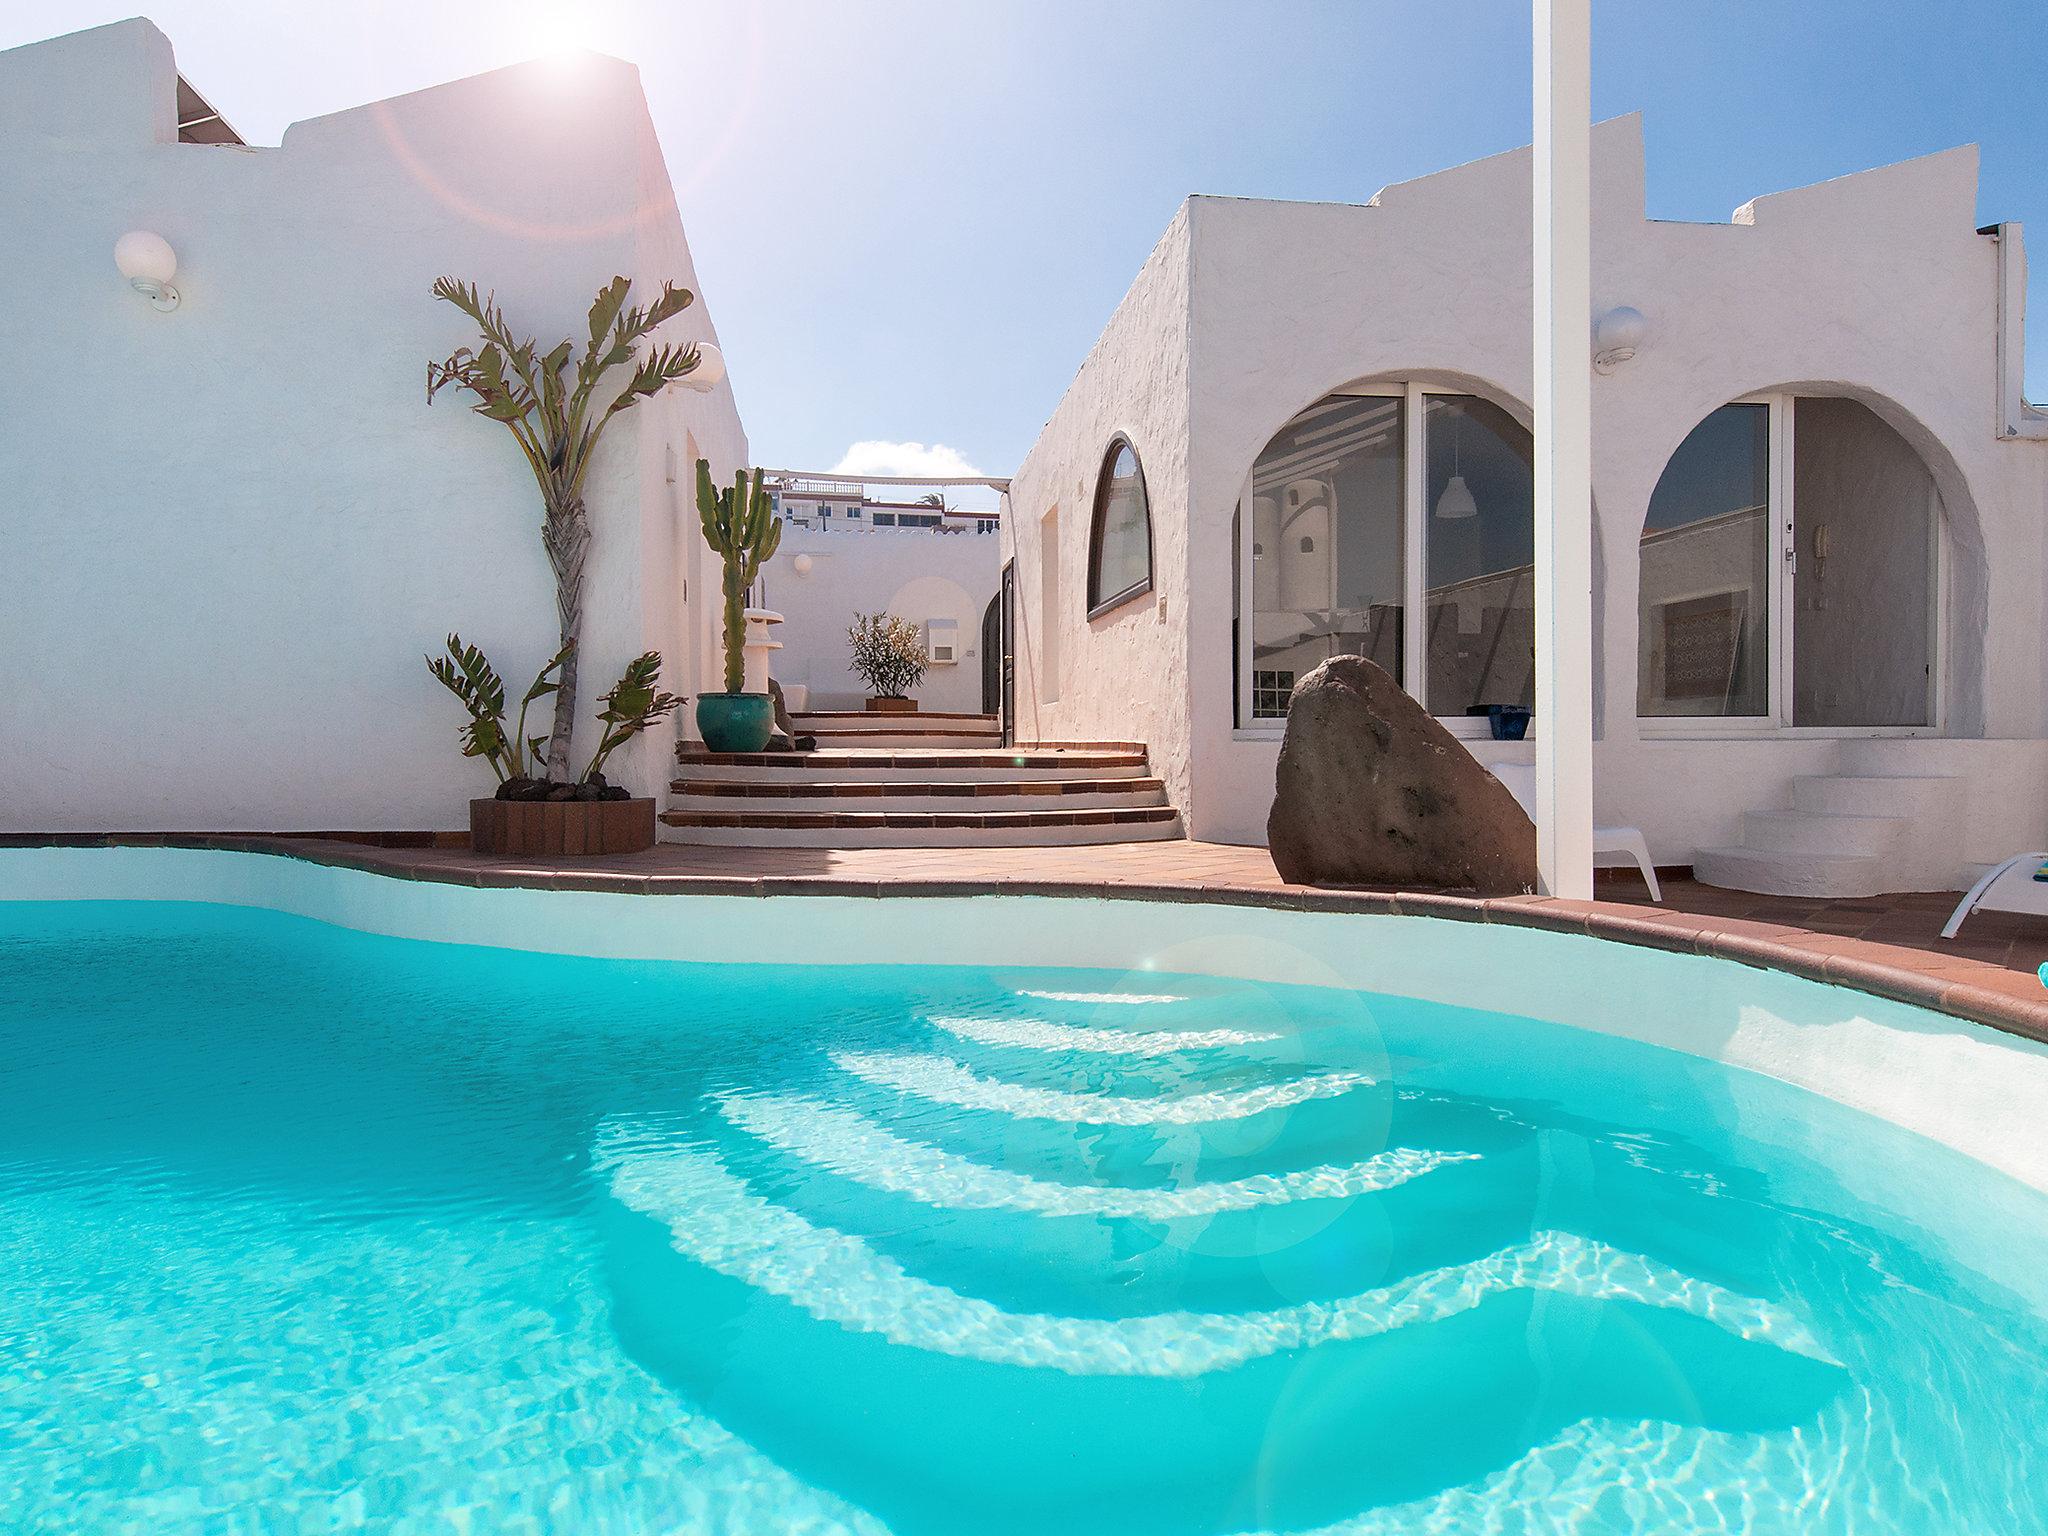 Casa de vacaciones las palmas gran canaria espa a noto - Casa del mar las palmas ...